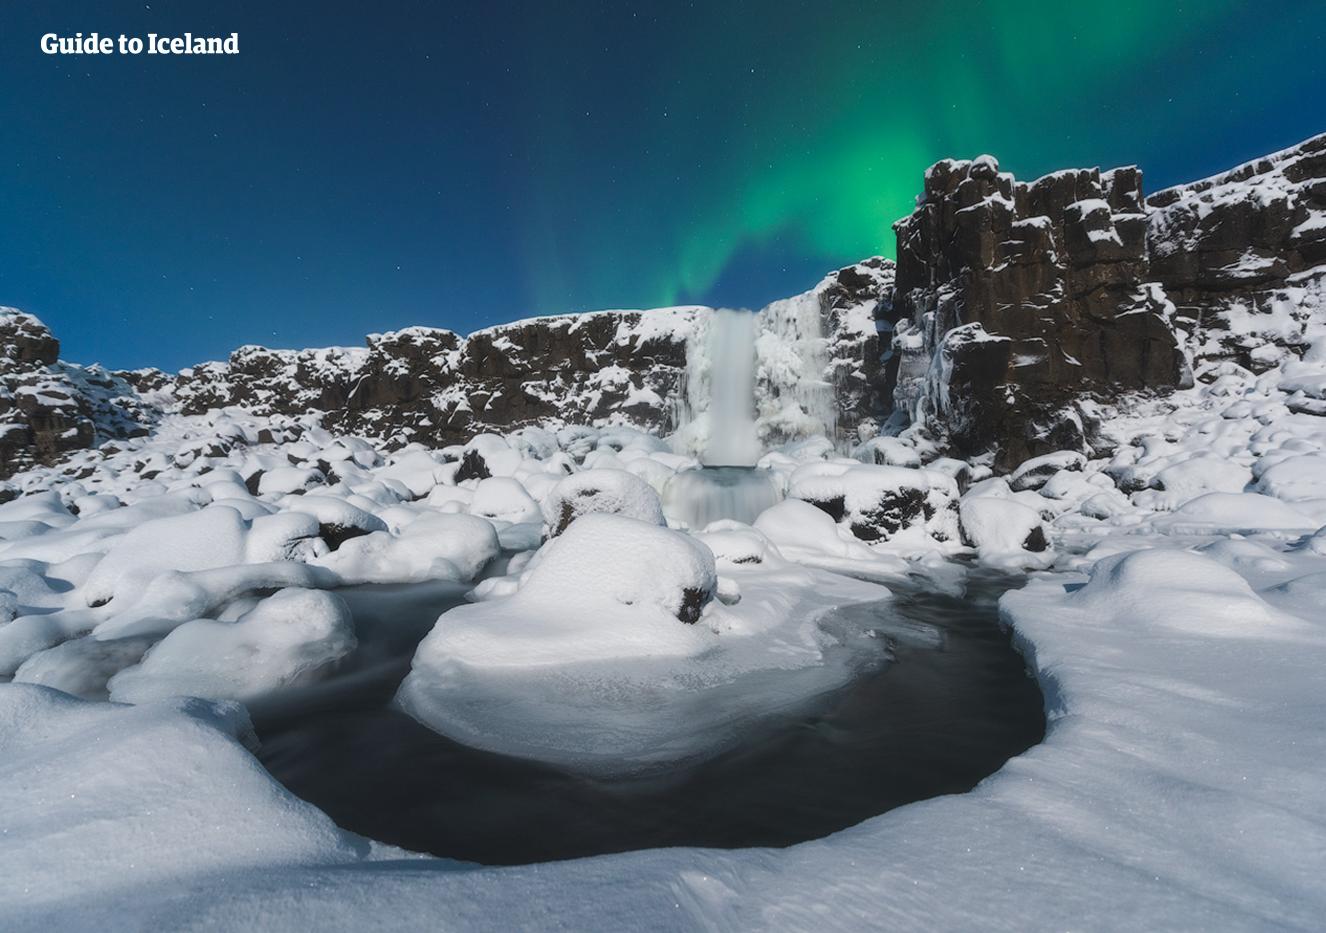 雪に包まれたシンクヴェトリル国立公園、オクサルアゥラフォスの滝